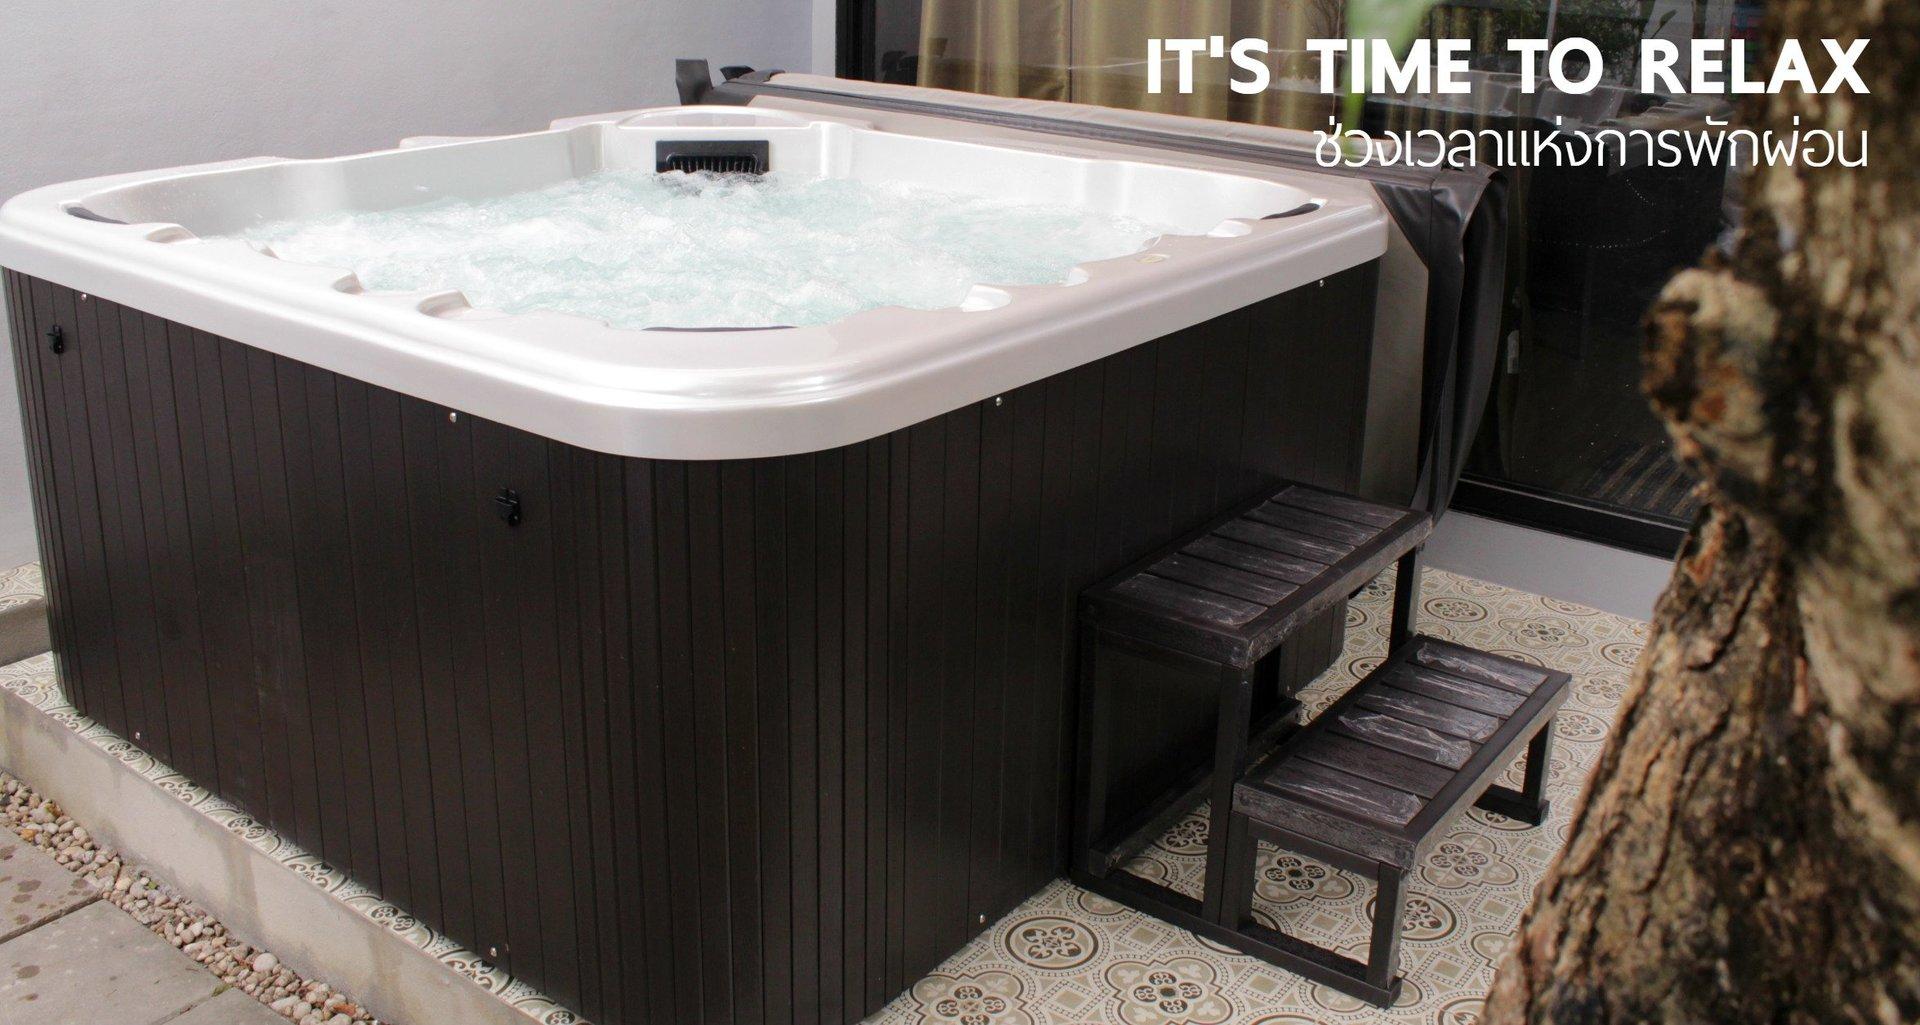 อ่างน้ำจากุซซี่ภายนอก อ่างน้ำร้อนอะคริลิคสำหรับบ้านและธุรกิจสปา รีสอร์ท โรงแรม วิลล่า Hot tub อ่างน้ำวนรับบรรยากาศหน้าบ้าน อ่างจากุซซี่สำเร็จรูป ของขวัญครอบครัว